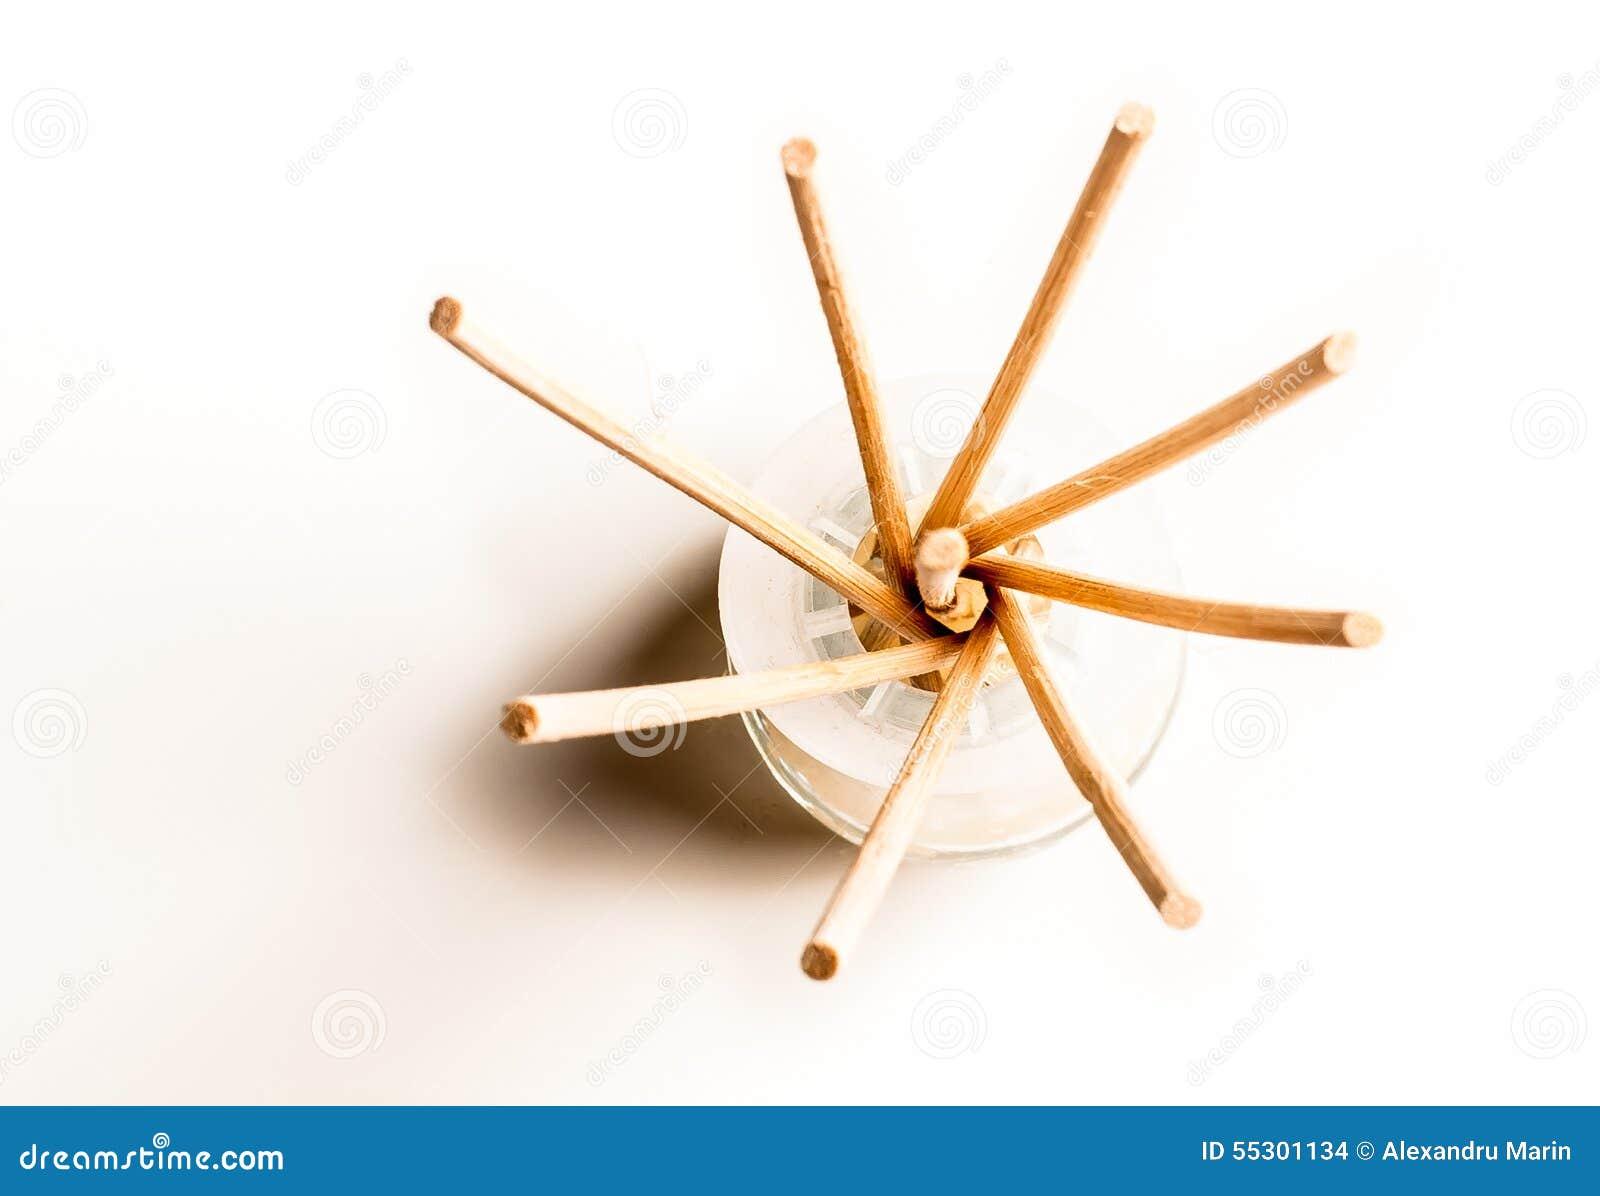 Incense sticks in a glass